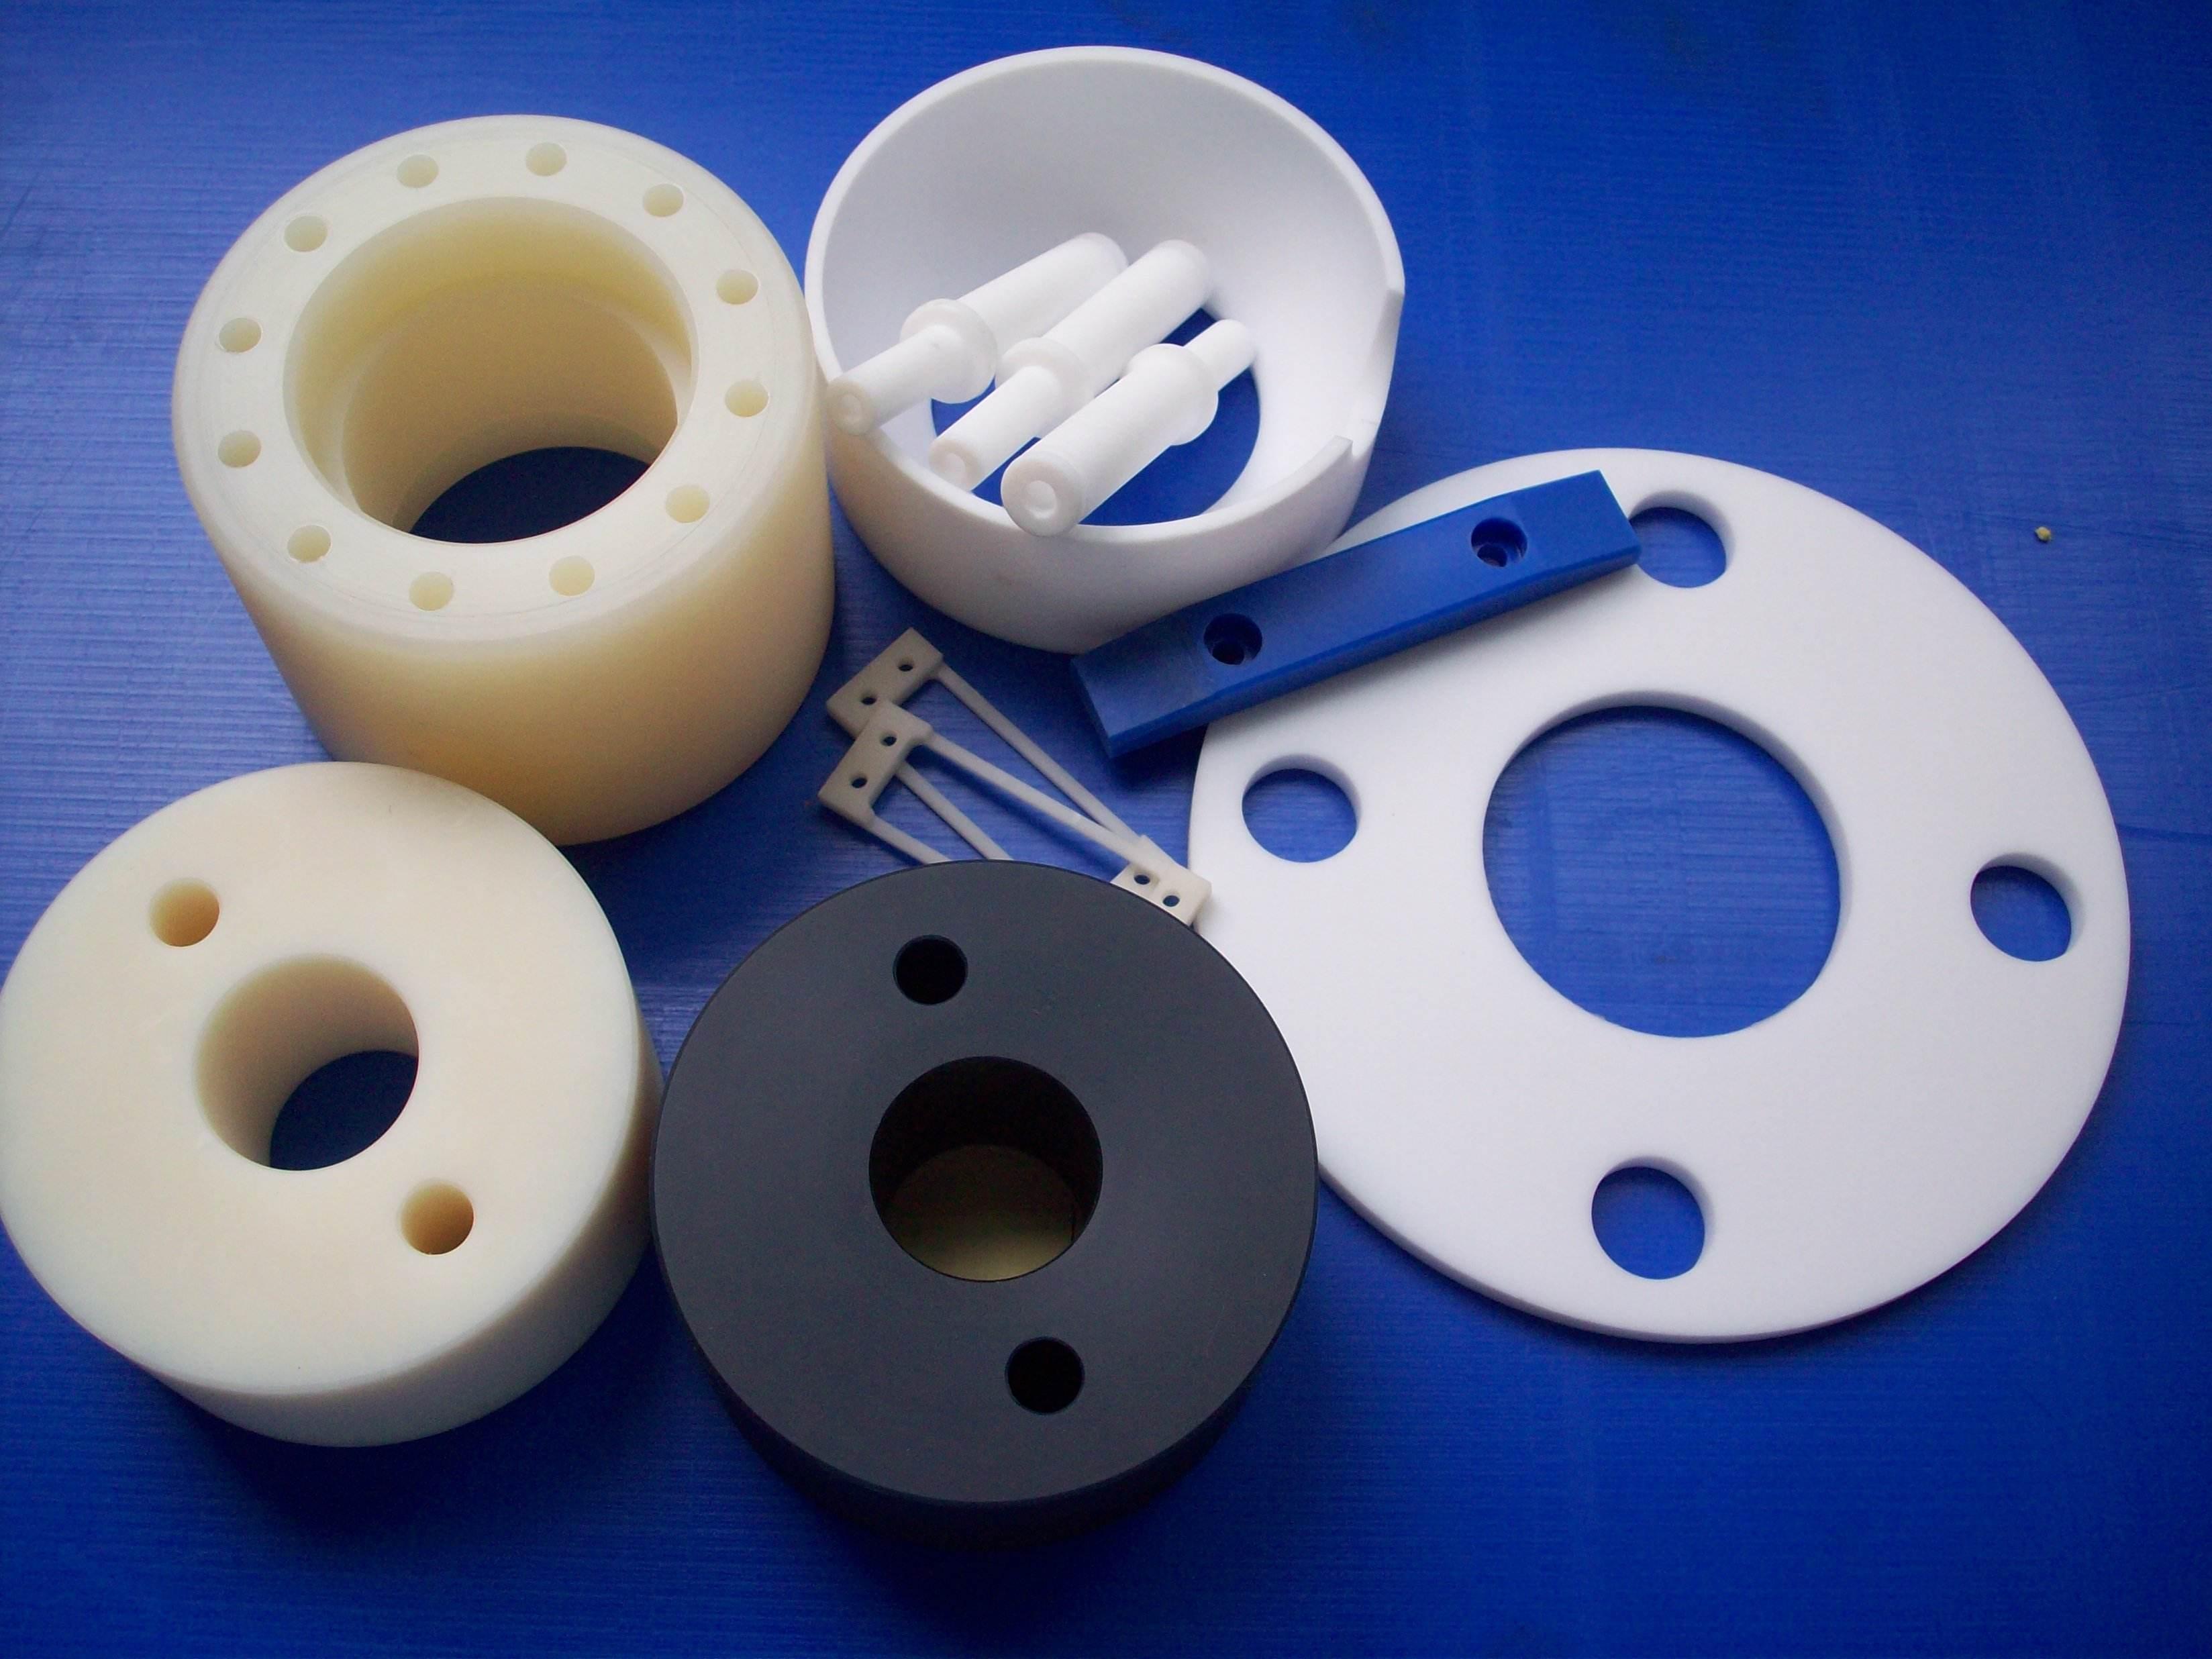 尼龙加工件供应商-- 河北弘创橡胶塑料科技有限公司